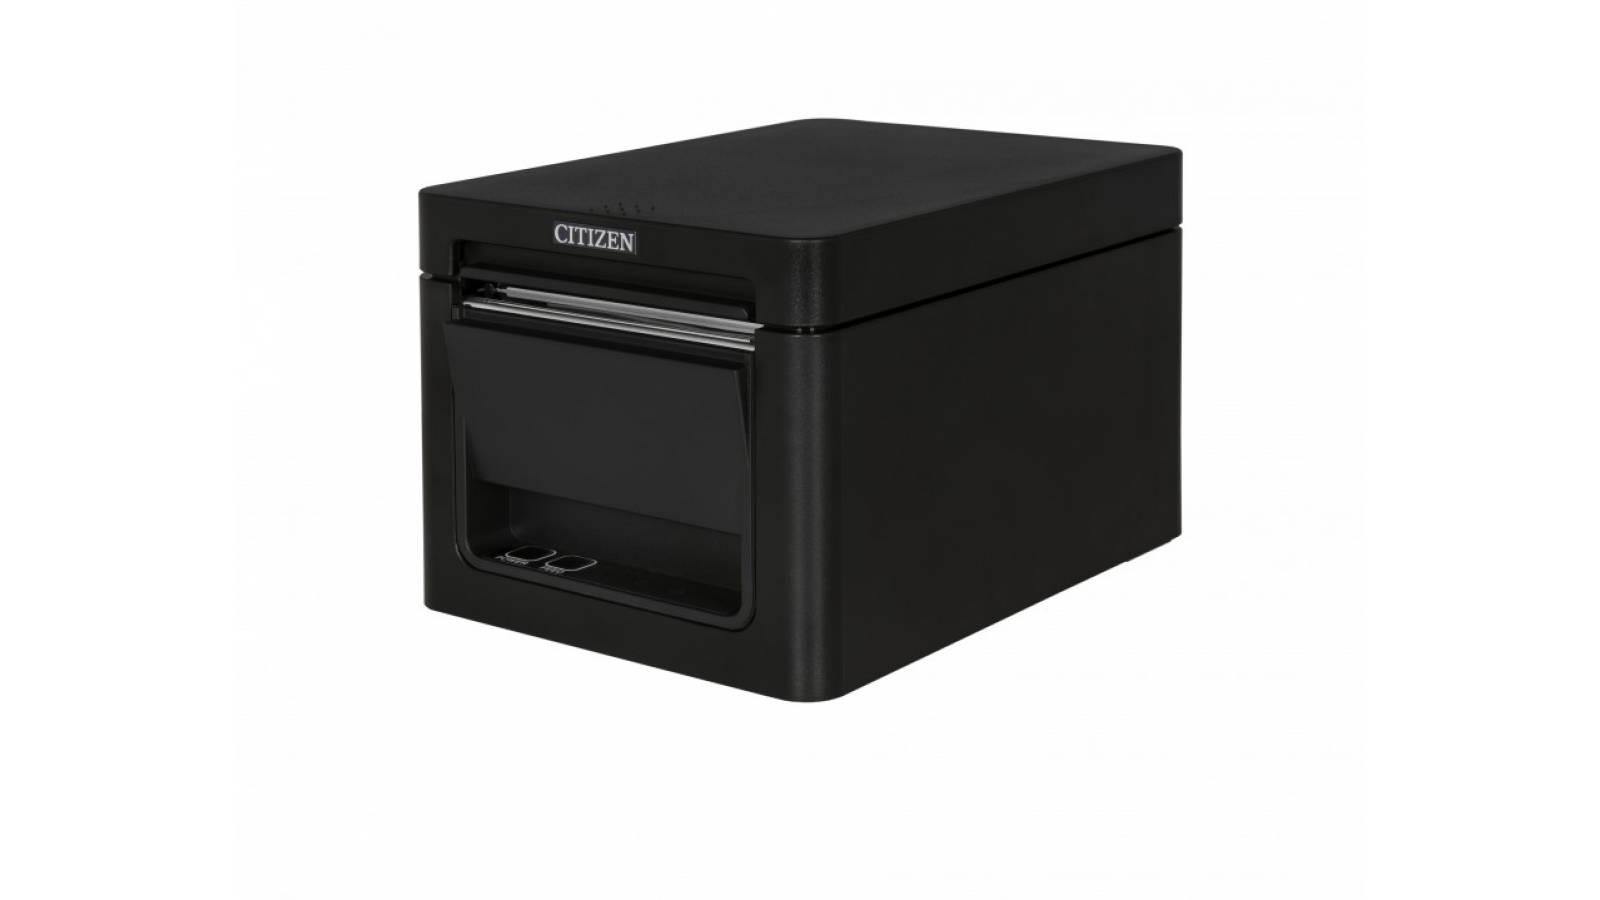 Impresora de recibos Citizen CT-E351